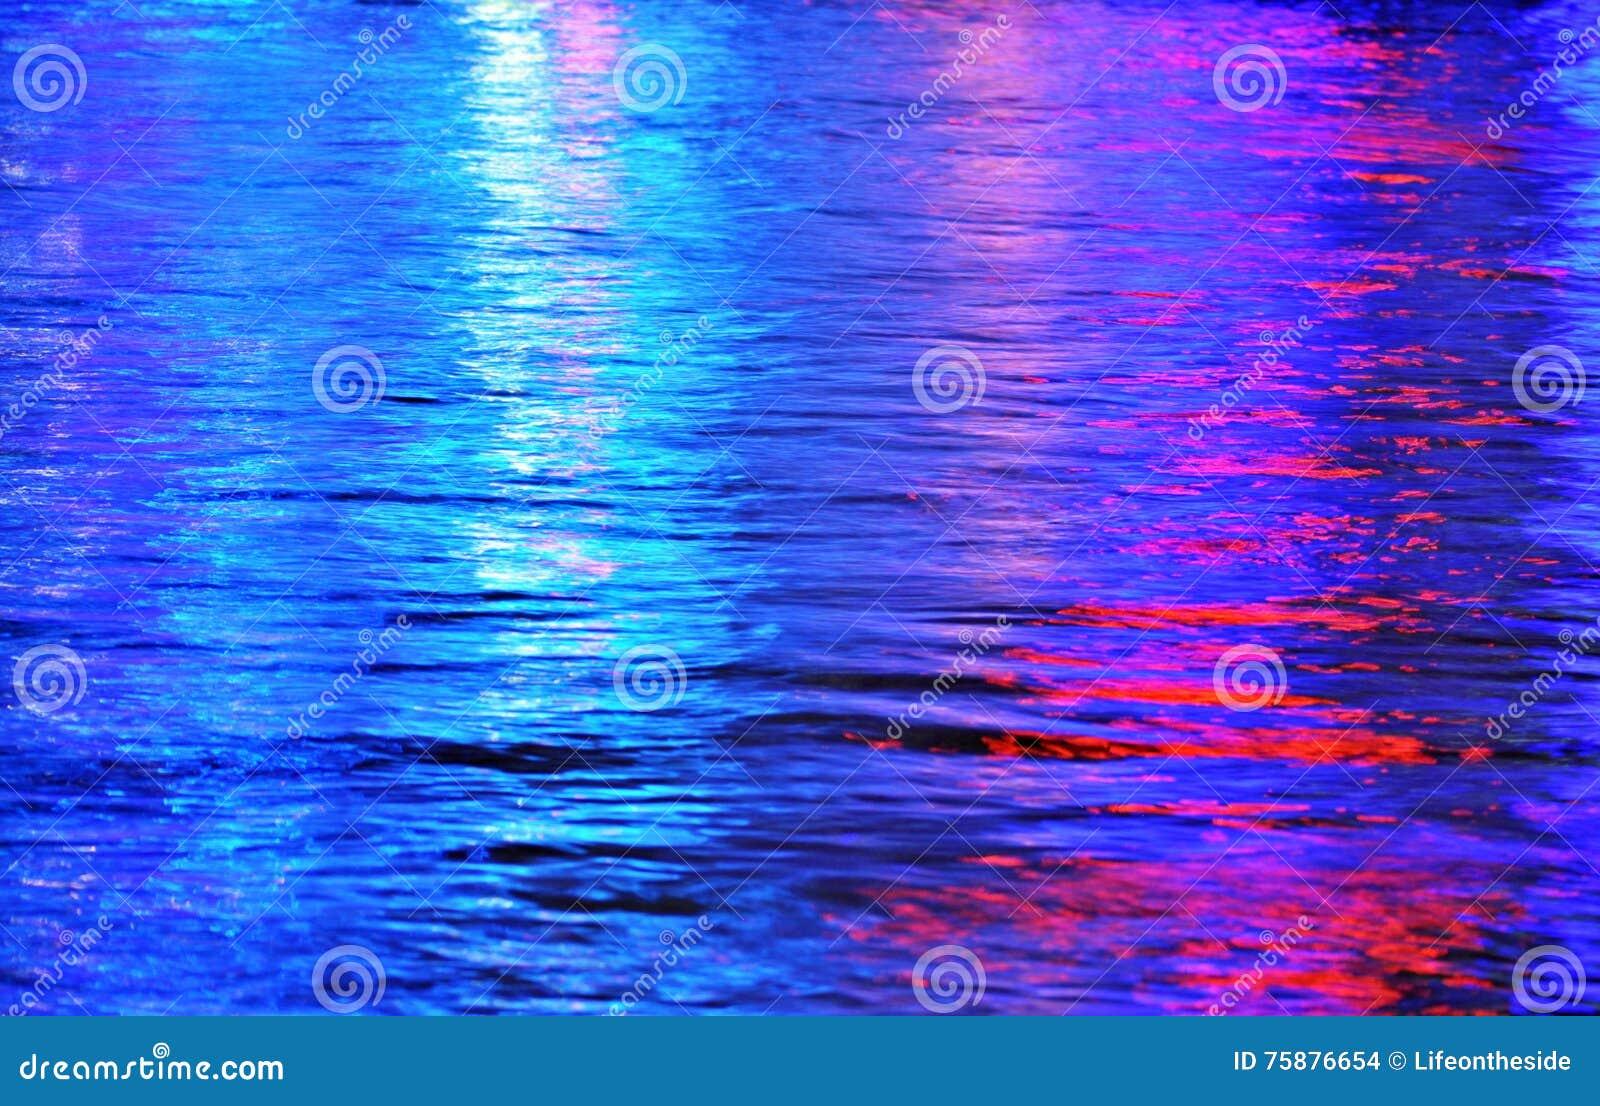 抽象背景上色彩虹色的多彩多姿的水